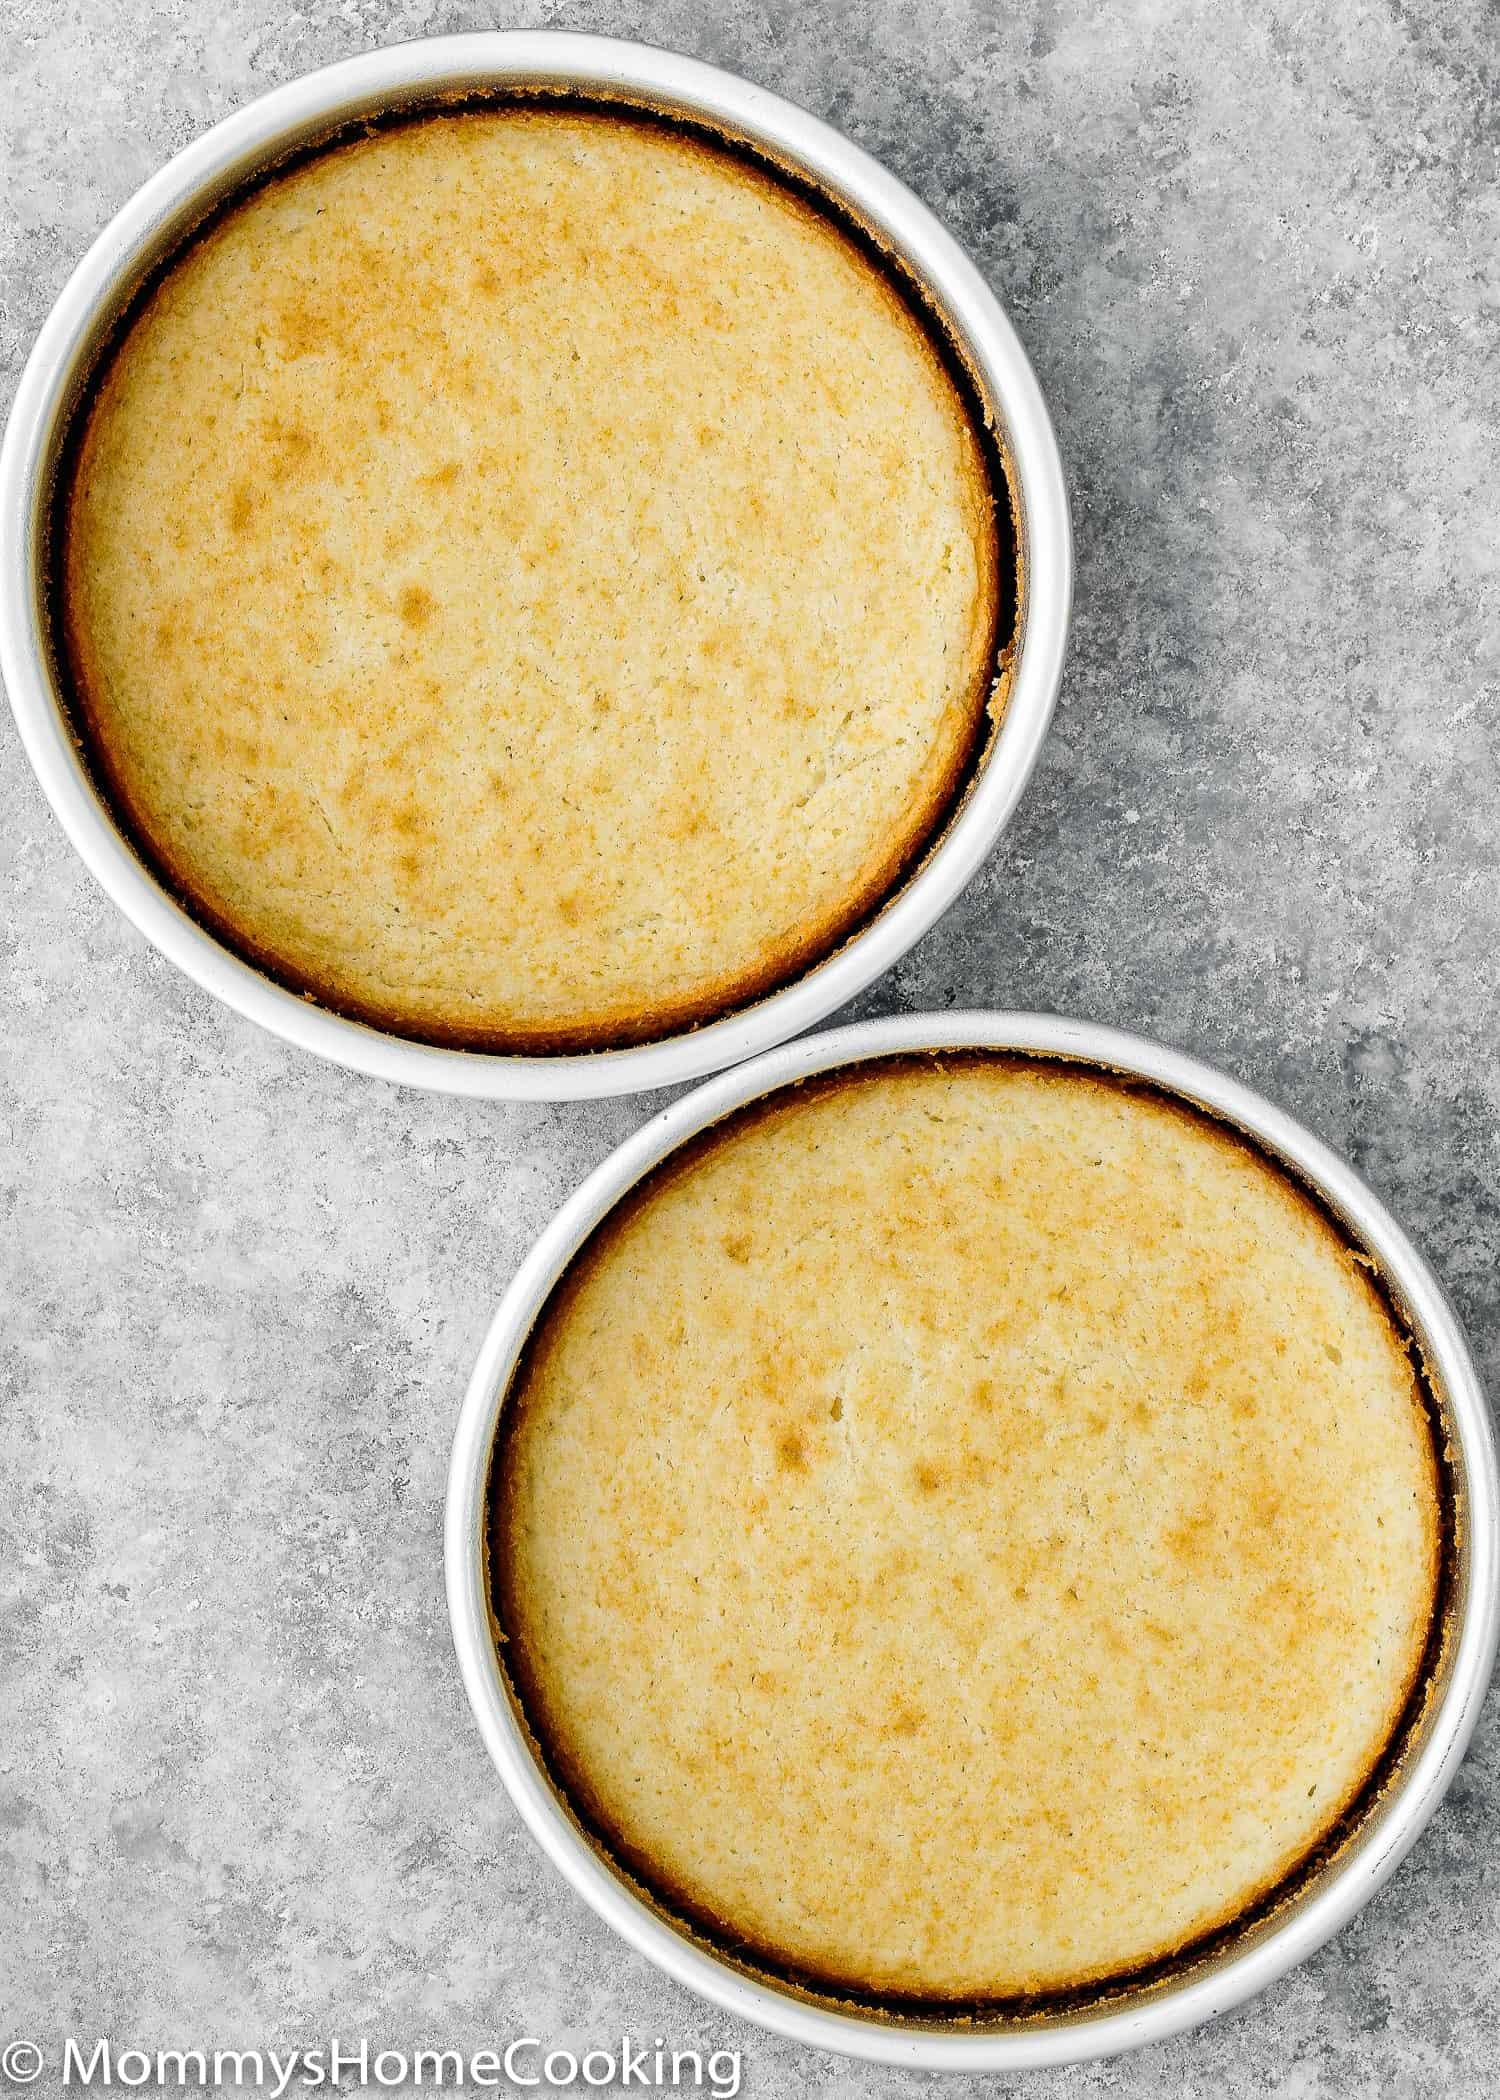 """Est-ce que vous ou quelqu'un que vous aimez êtes allergique aux œufs? Ou avez-vous juste manqué d'œufs? Ne paniquez pas! Vous pouvez toujours faire ce gâteau en boîte dont vous avez envie. Apprenez mon astuce sur comment faire une boîte de mélange de gâteau sans oeufs. Pratique pur et incroyablement délicieux! https://mommyshomecooking.com """"width ="""" 750 """"height ="""" 1050 """"srcset ="""" https://mommyshomecooking.com/wp-content/uploads/2018/05/How-to-Make-a-Cake-Mix -Box-without-Eggs-2.jpg 1500w, https://mommyshomecooking.com/wp-content/uploads/2018/05/How-take-make-a-Cake-Mix-Box-without-Eggs-2- 214x300.jpg 214w, https://mommyshomecooking.com/wp-content/uploads/2018/05/How-to-Make-a-Cake-Mix-Box-without-Eggs-2-768x1075.jpg 768w, https: //mommyshomecooking.com/wp-content/uploads/2018/05/How-take-make-a-Cake-Mix-Box-without-Eggs-2-700x980.jpg 700w """"tailles ="""" (largeur maximale: 750px ) 100vw, 750px"""